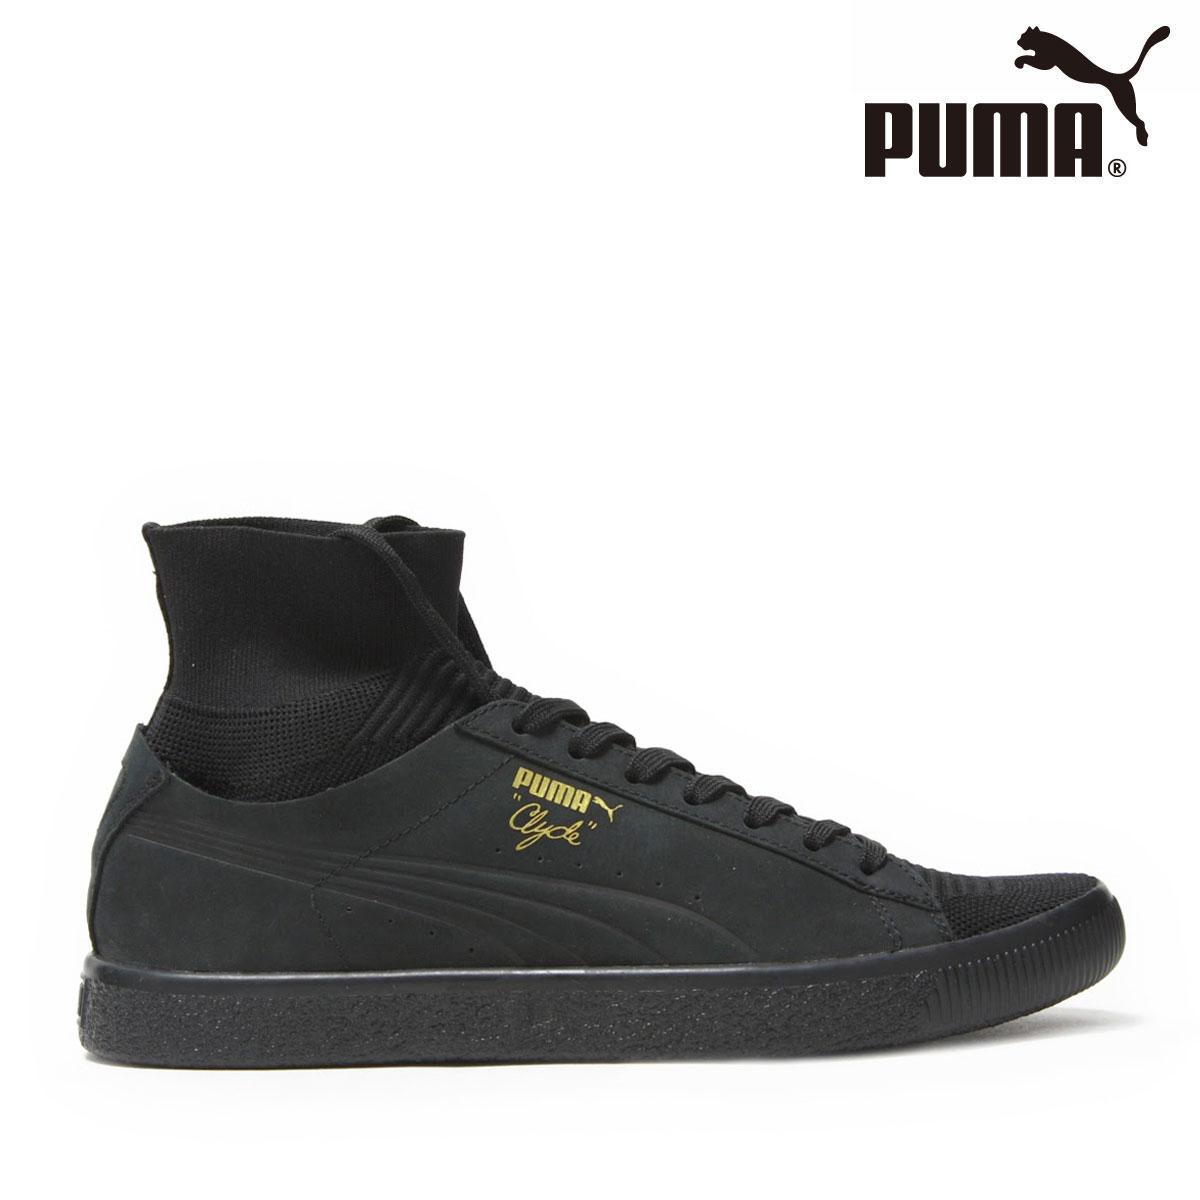 PUMA CLYDE SOCK SELECT (PUMA BLACK-PU) (プーマ クライド ソック セレクト) 【メンズ】【スニーカー】【17FA-I】